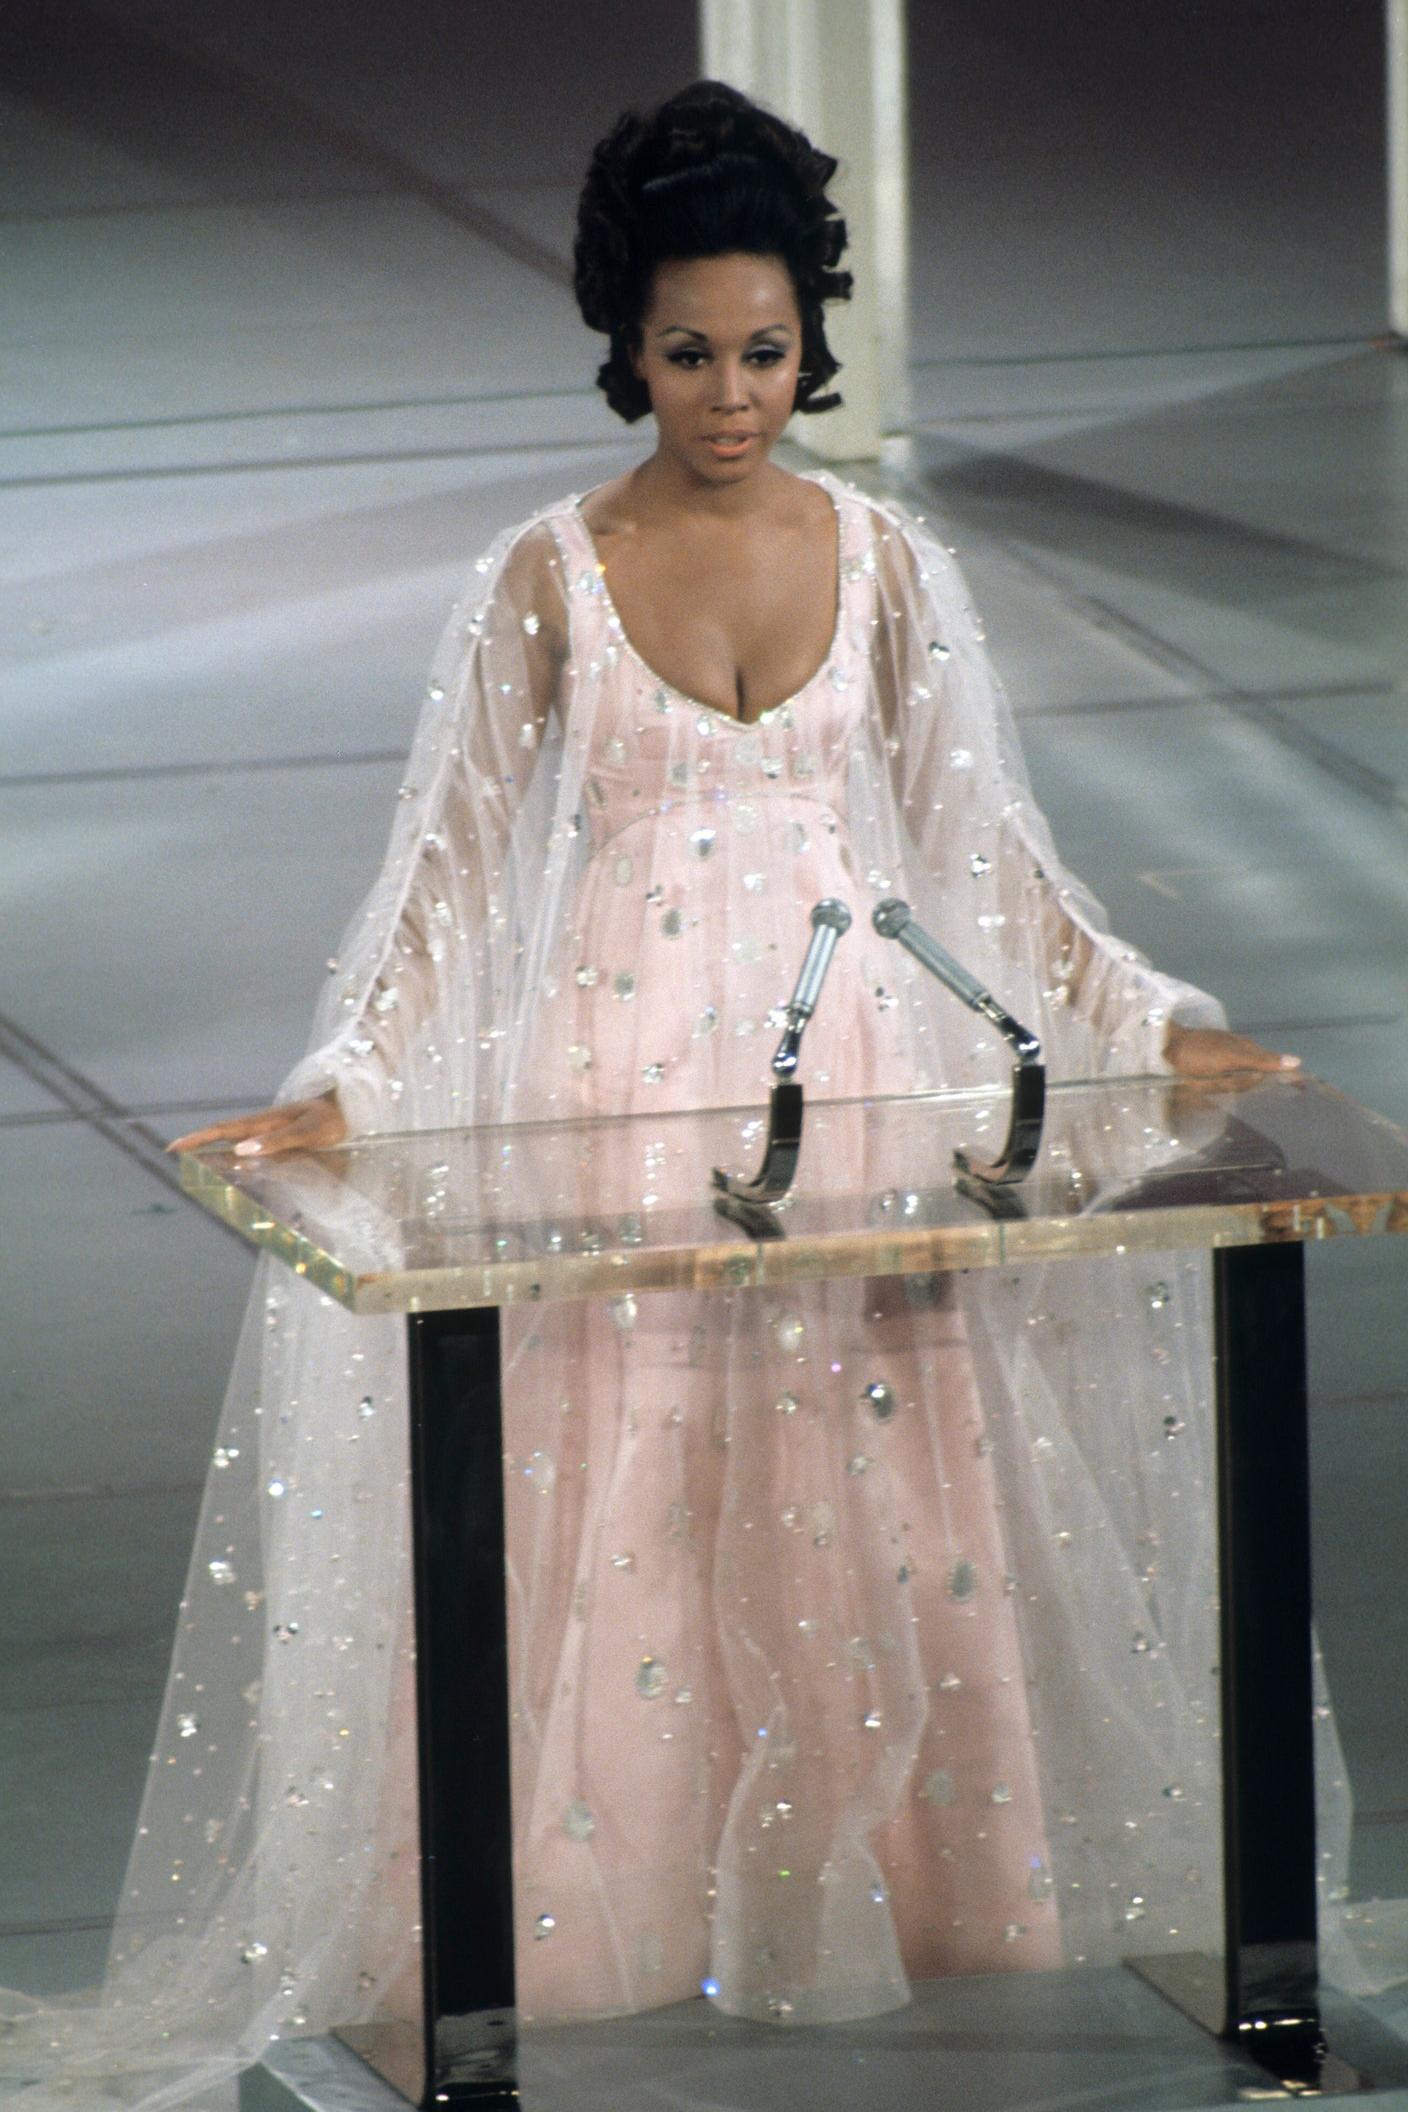 Chiếc váy thắt eo vải voan lưới xuyên thấu màu hồng nhạt của Diahann Carroll gắn pha lê được Vogue đánh giá hoàn hảo vào năm 1969. Ảnh: ABC.